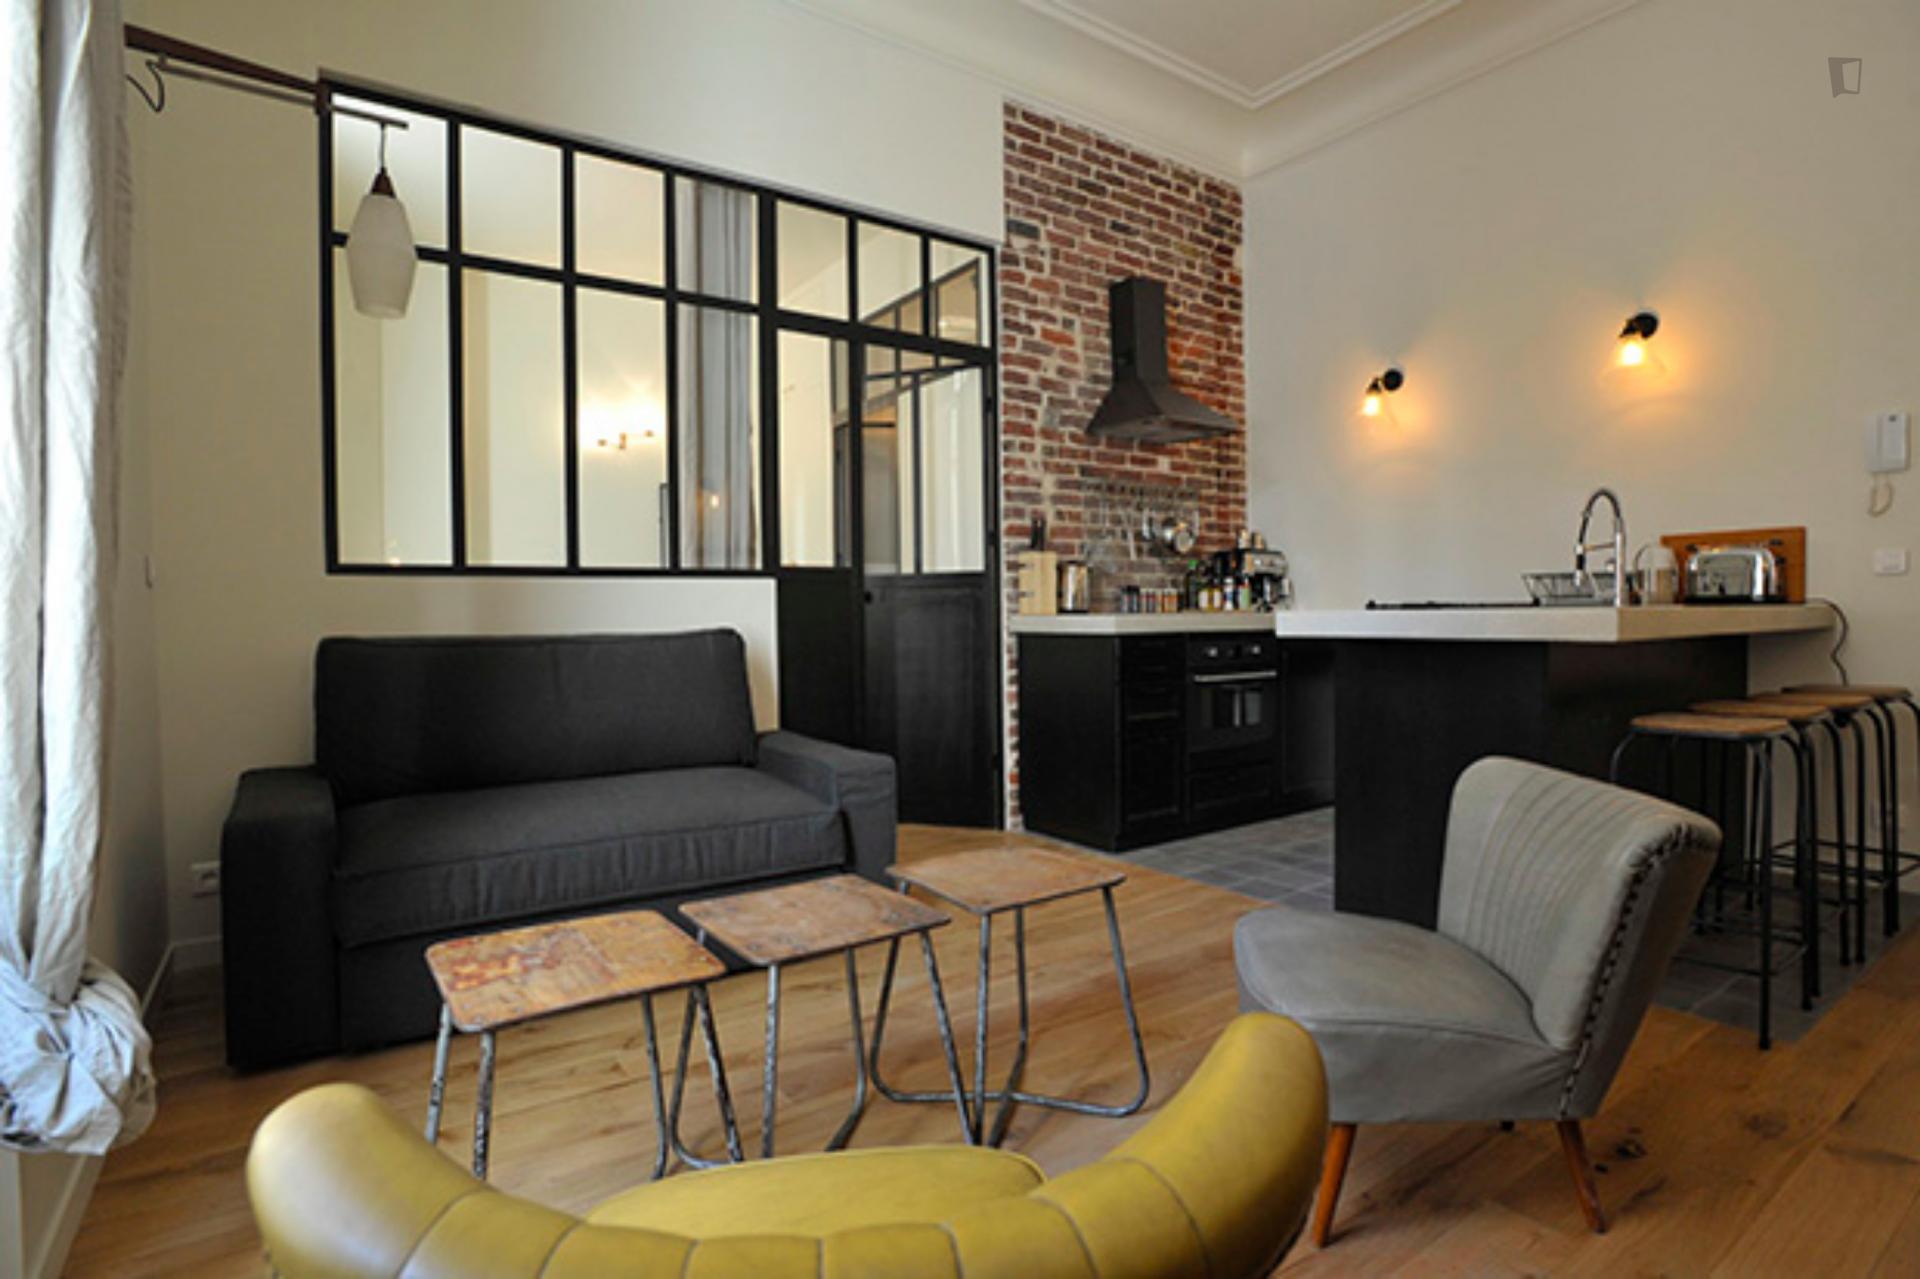 République - Beautiful loft for expats in Paris